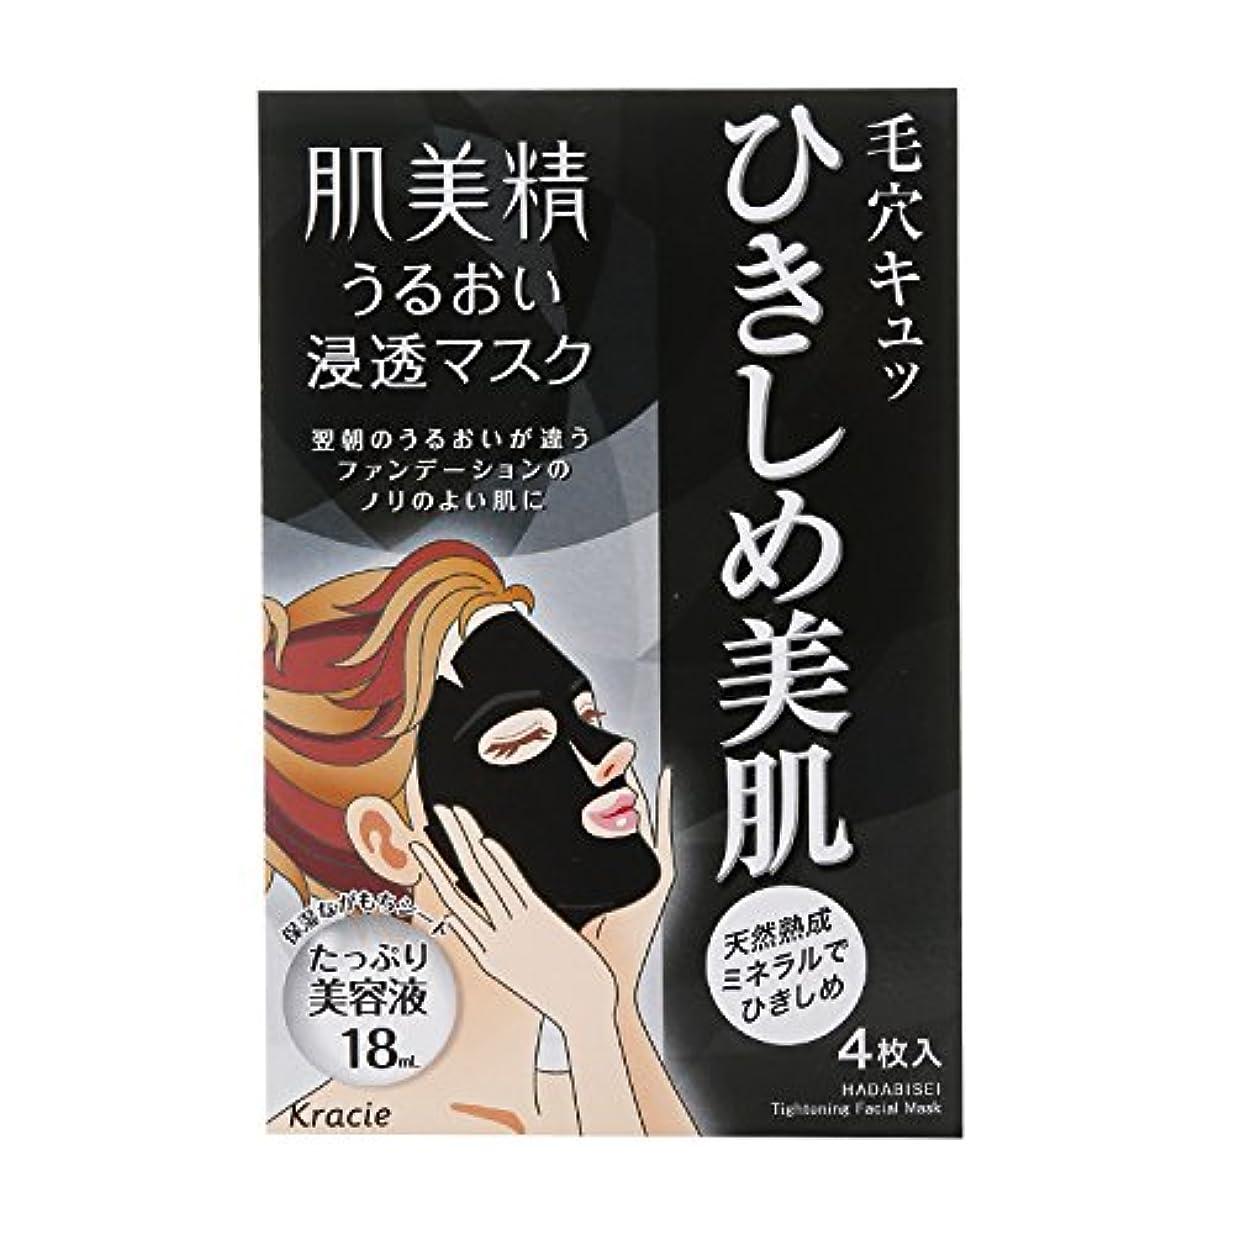 土ジム刻む肌美精 うるおい浸透マスク (ひきしめ) 4枚